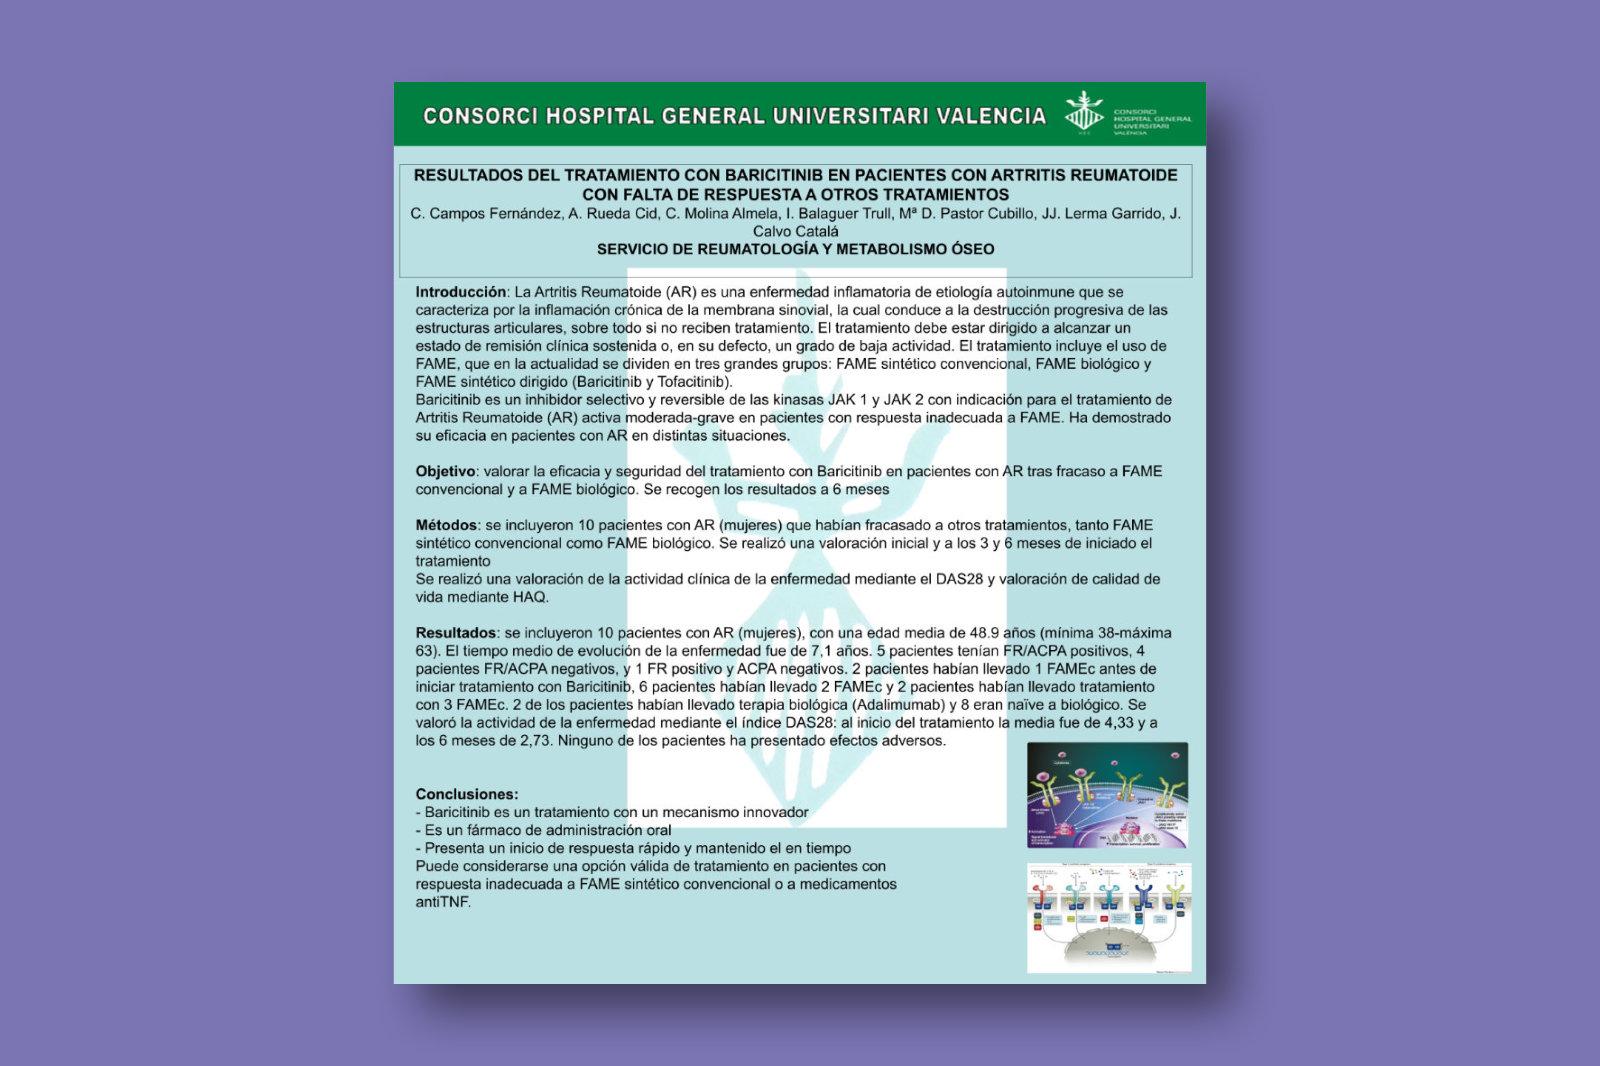 Resultados del tratamiento con baricitinib en pacientes con artritis reumatoide con falta de respuesta a otros tratamientos